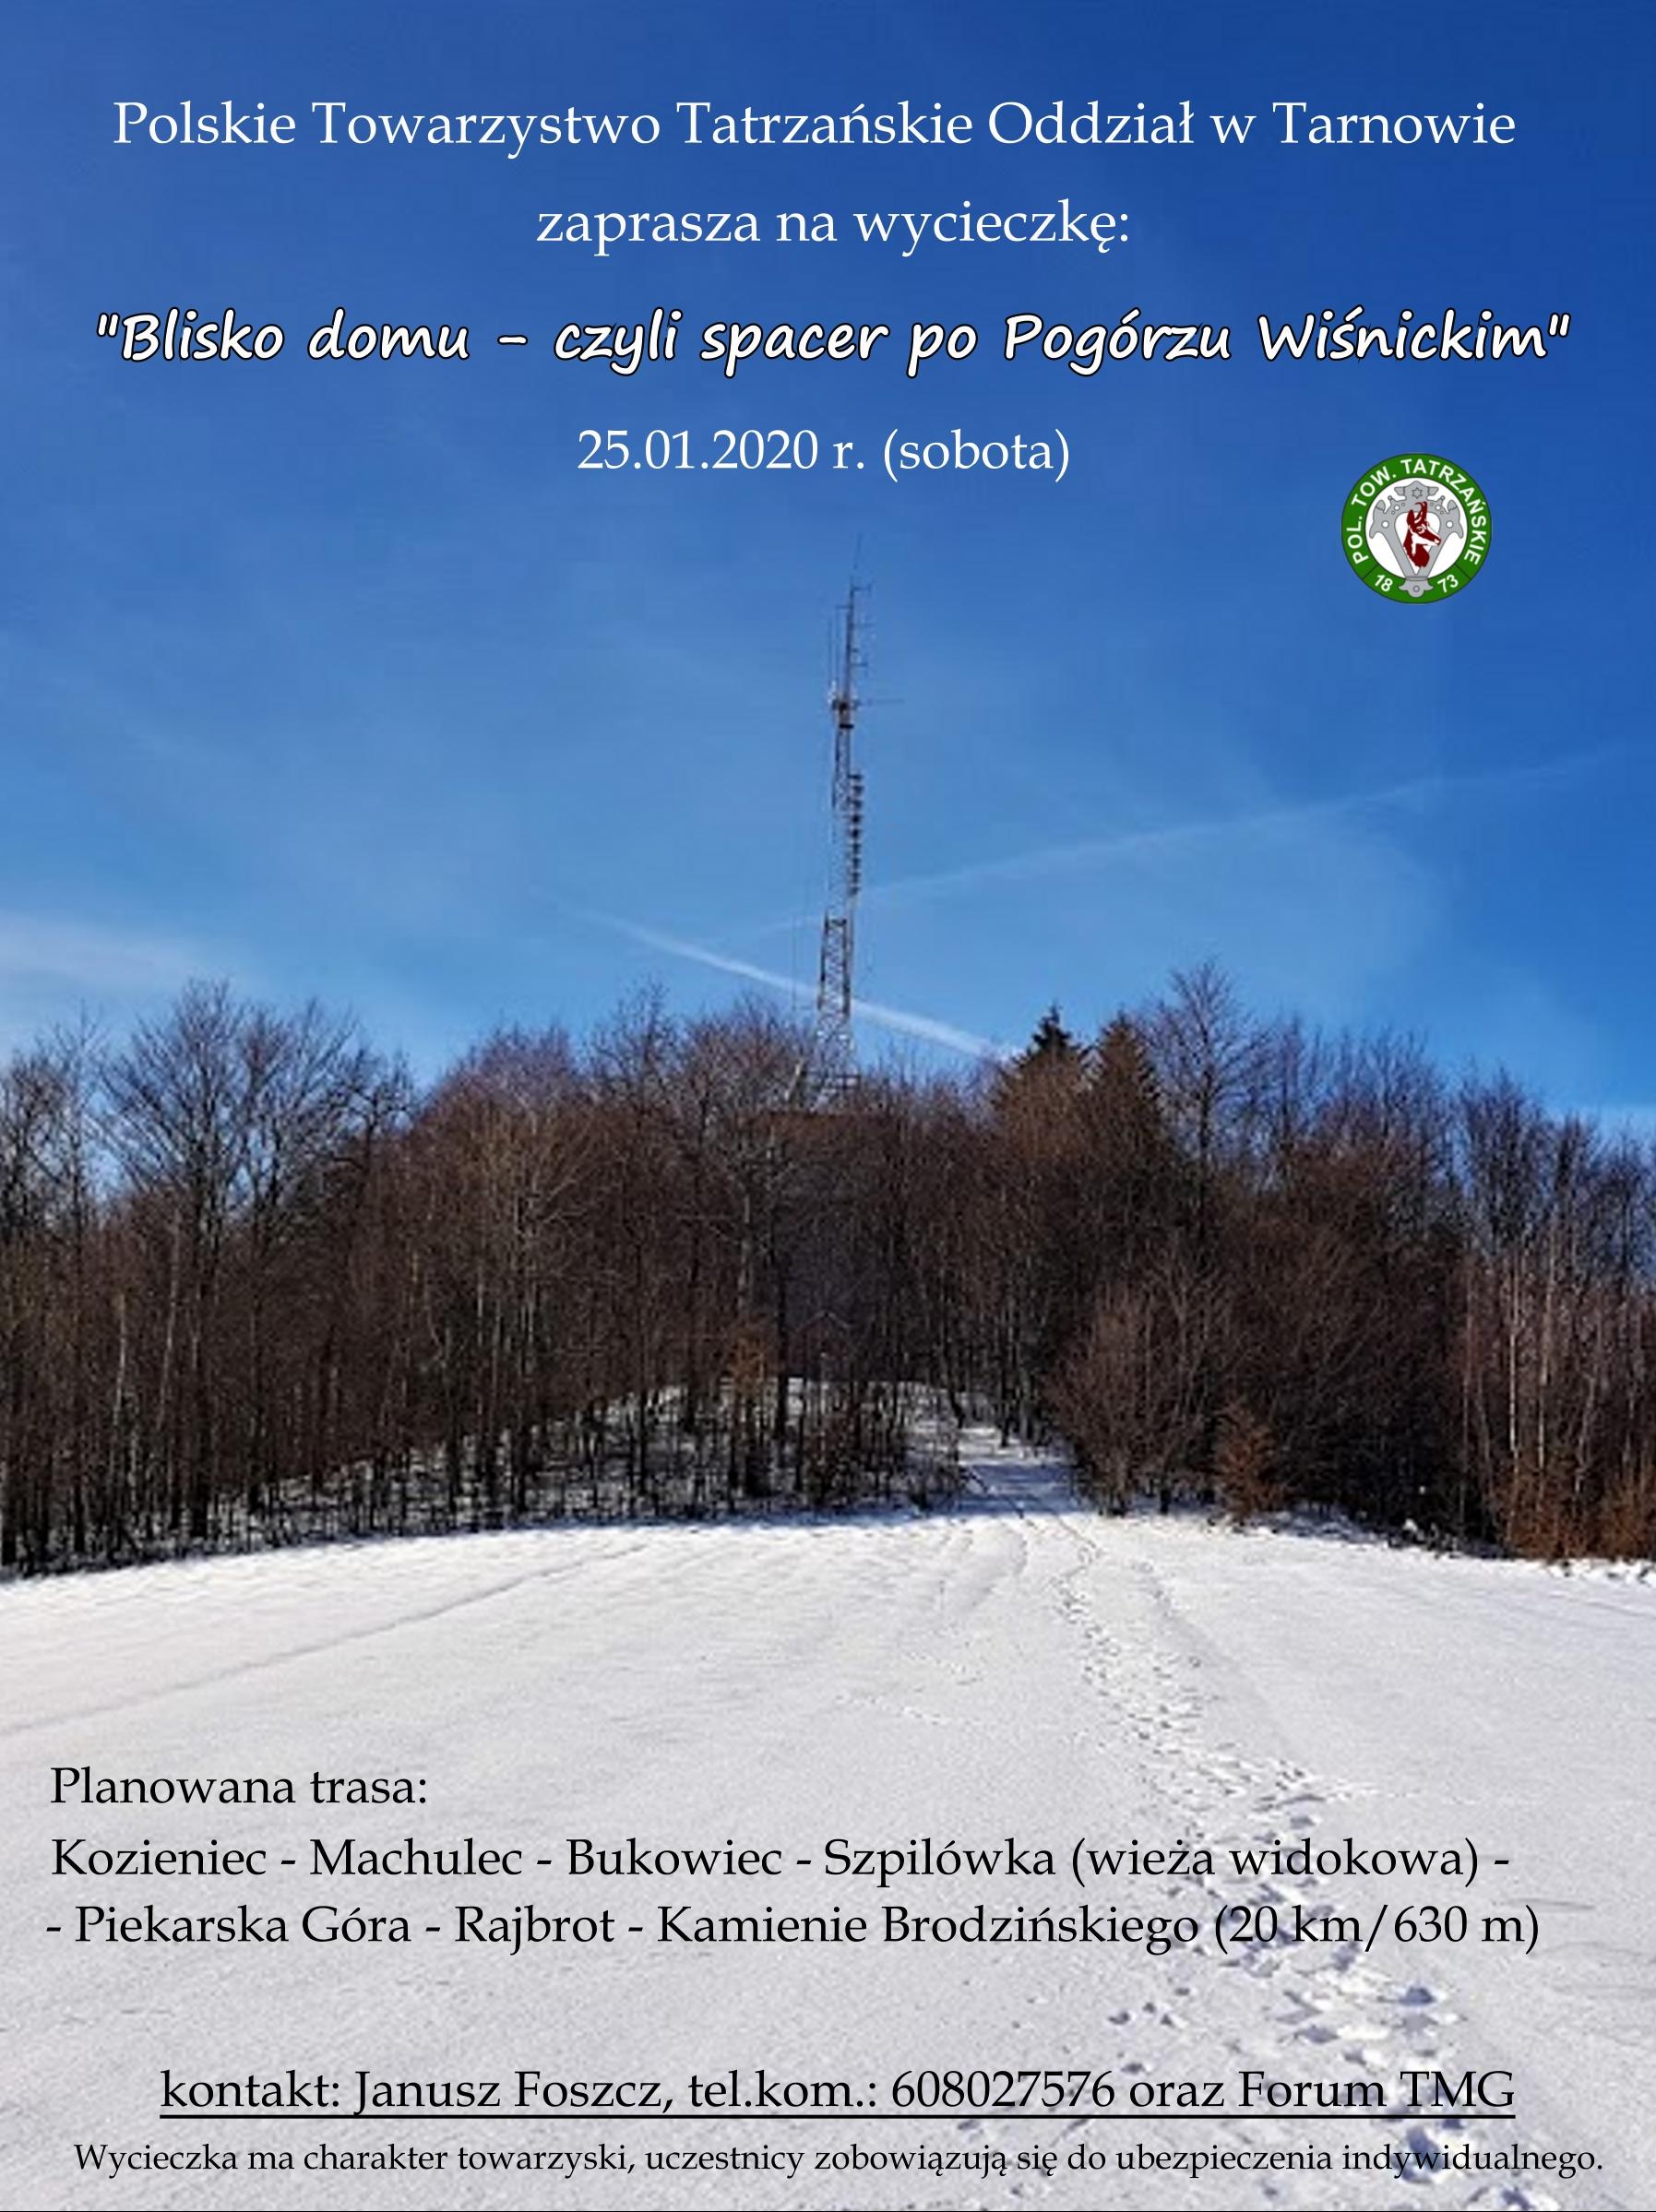 Polskie Towarzystwo Tatrzańskie Oddział PTT w Tarnowie